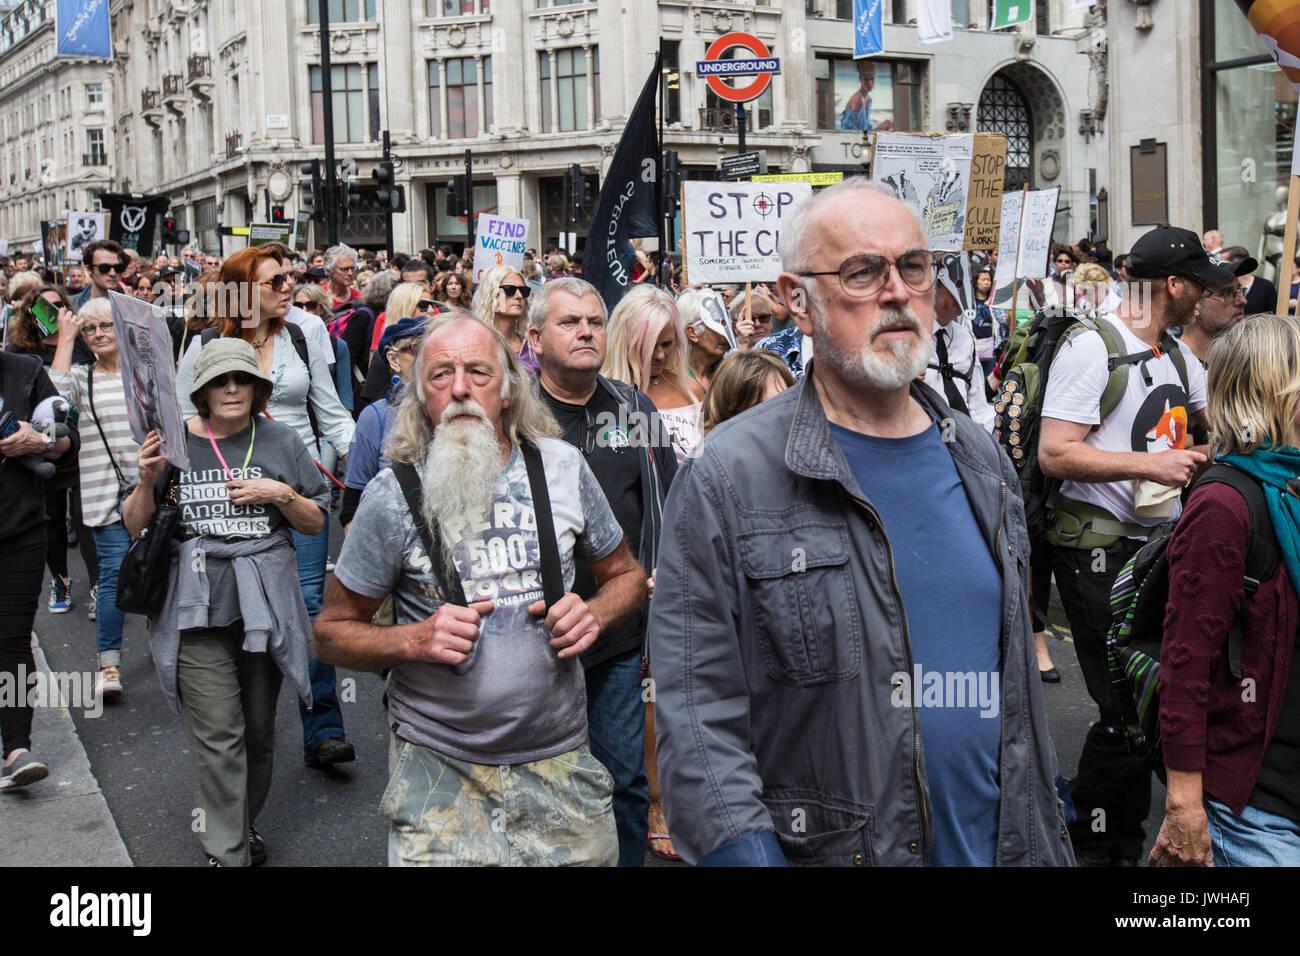 Londres, Royaume-Uni. 12Th Aug 2017. L'acteur Peter Egan, se joint à la manifestation organisée par la coalition de l'histoire de chasse faire le blaireau, confiance et Care2. Les manifestants ont défilé à travers le centre de Londres et se sont rassemblés à l'extérieur de Downing Street. Crédit: David Rowe/Alamy Live News Photo Stock